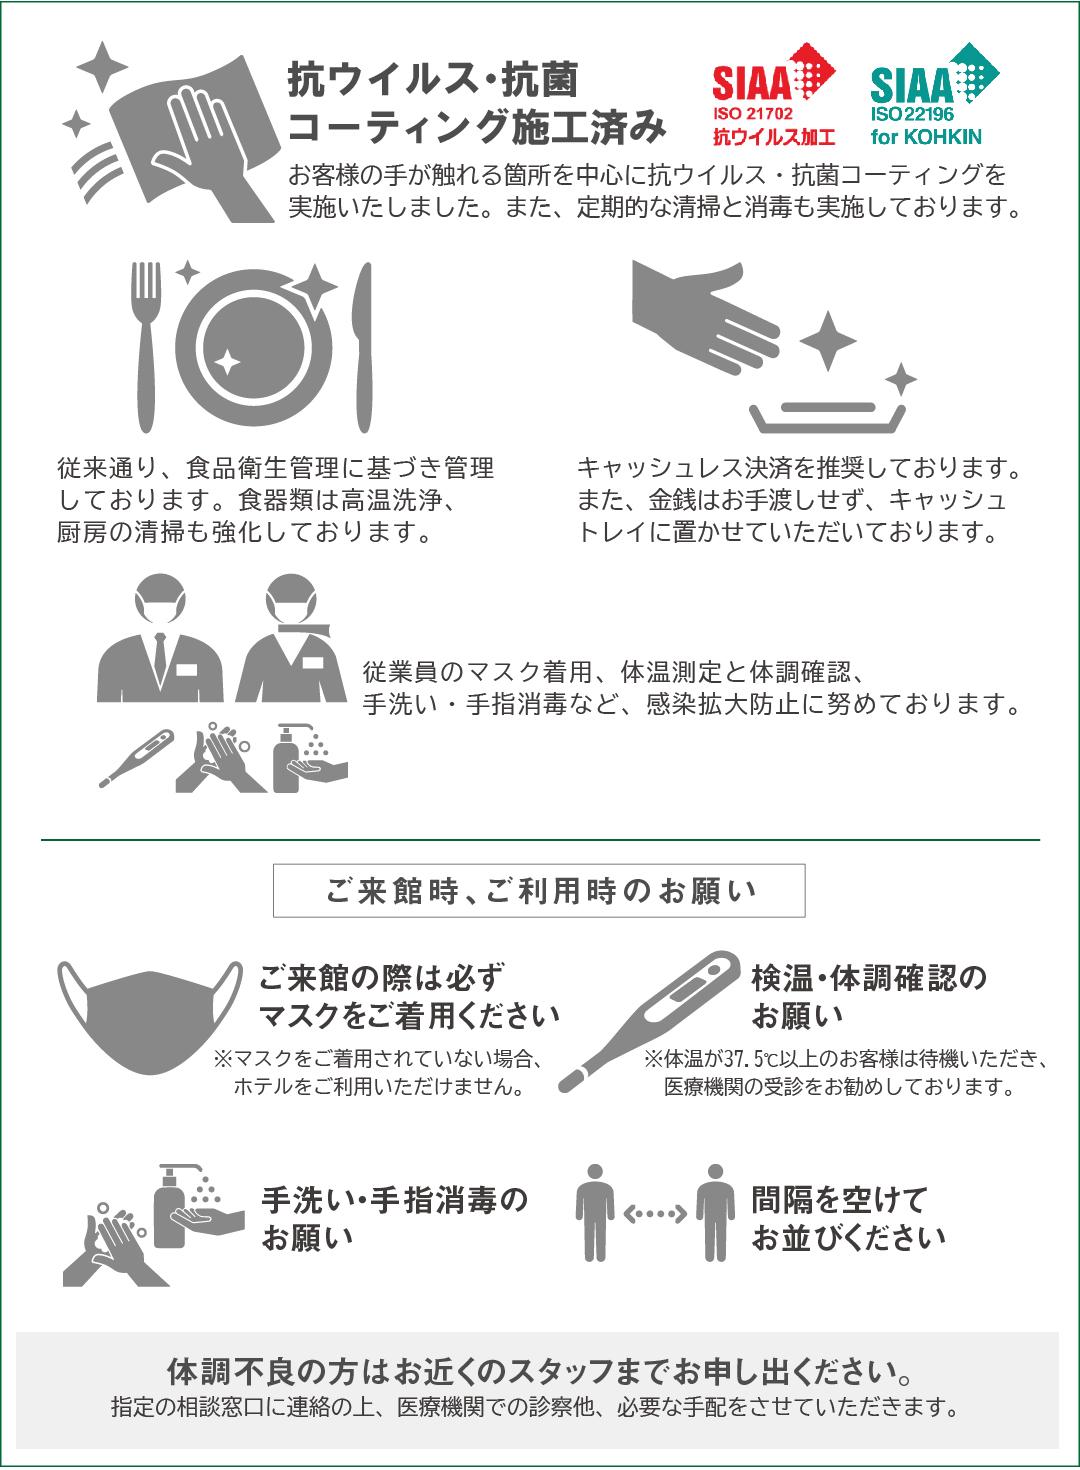 新型コロナウィルス感染症の拡大防止対策